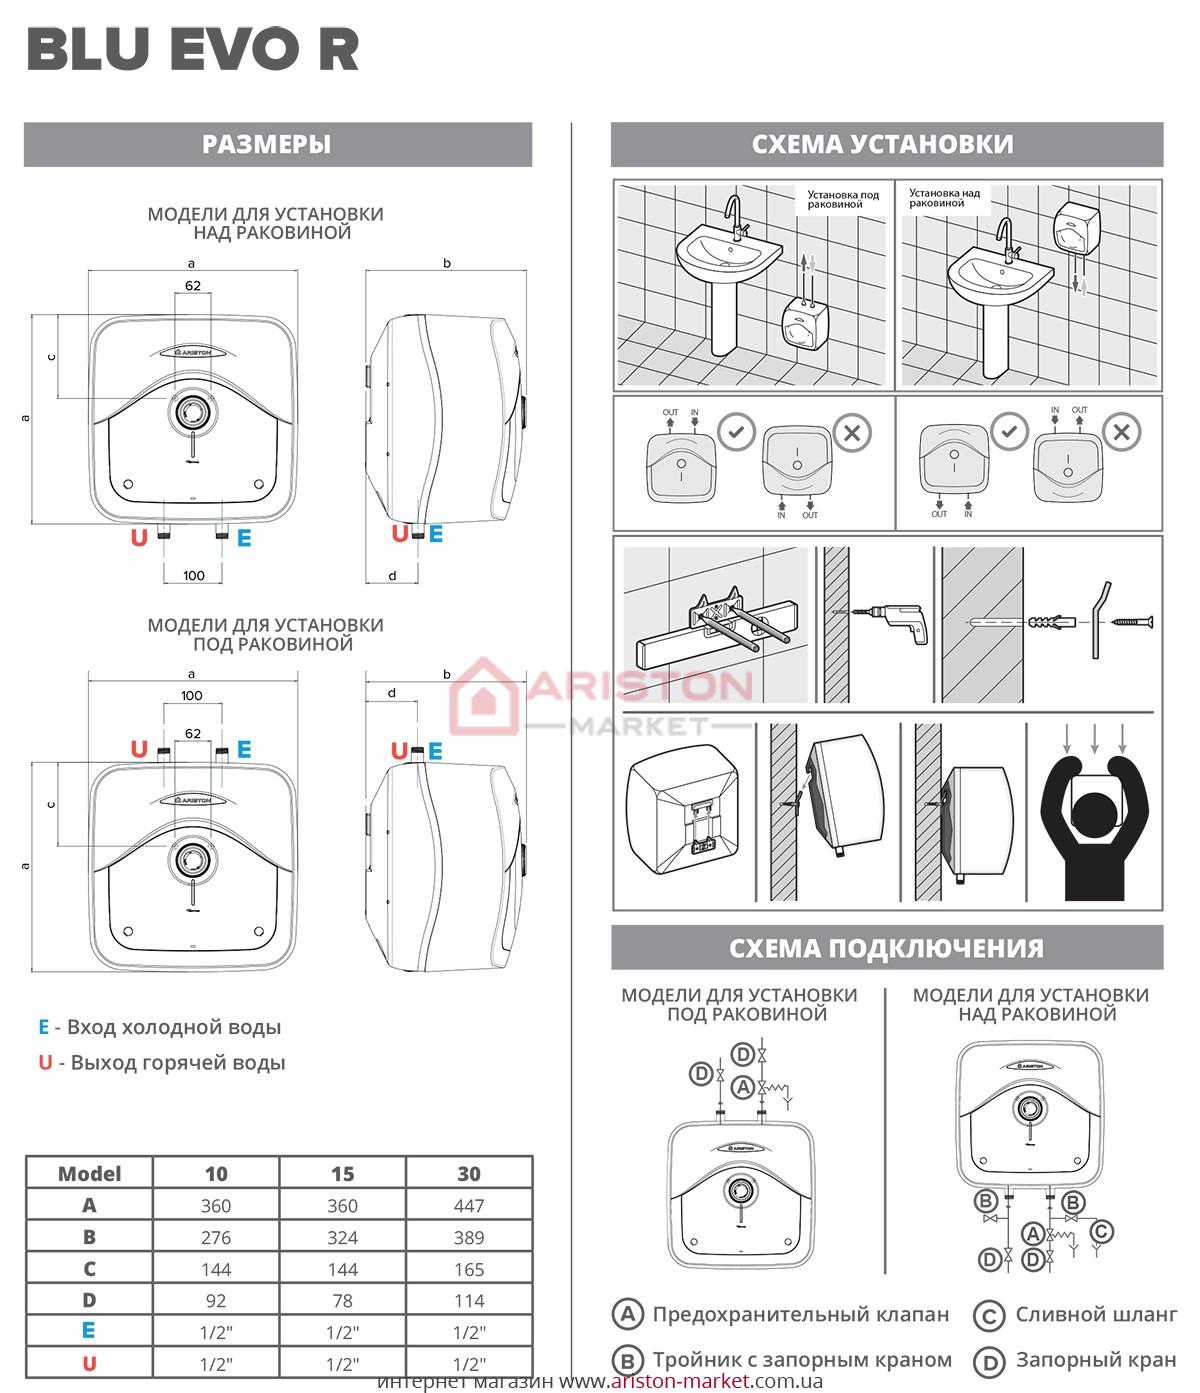 Ariston BLU Evo R 30/3 схема, габарити, креслення